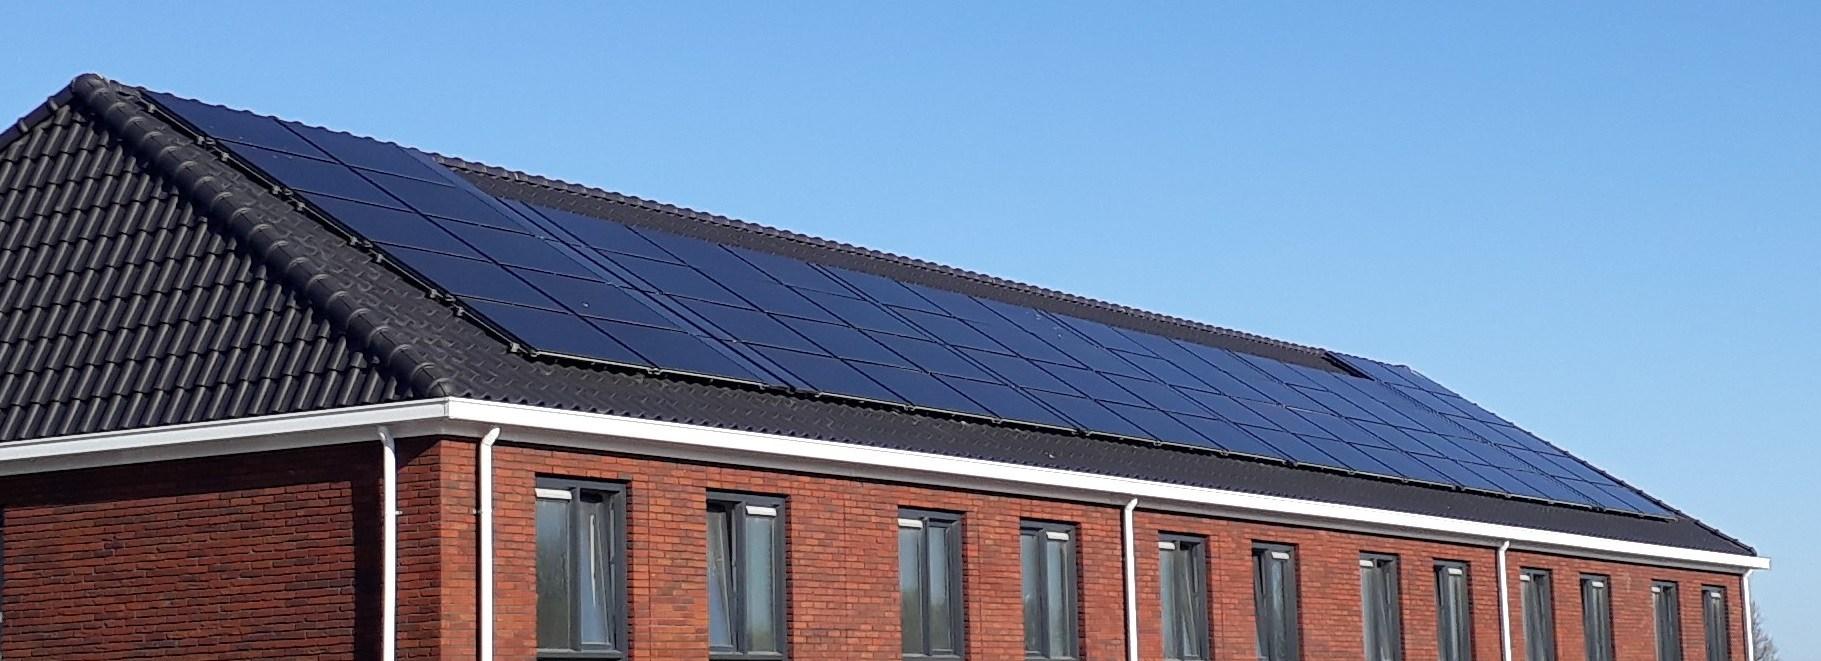 Triple Solar PVT paneel zonnepaneel warmtepomppaneel De Draai Heerhugowaard - 01